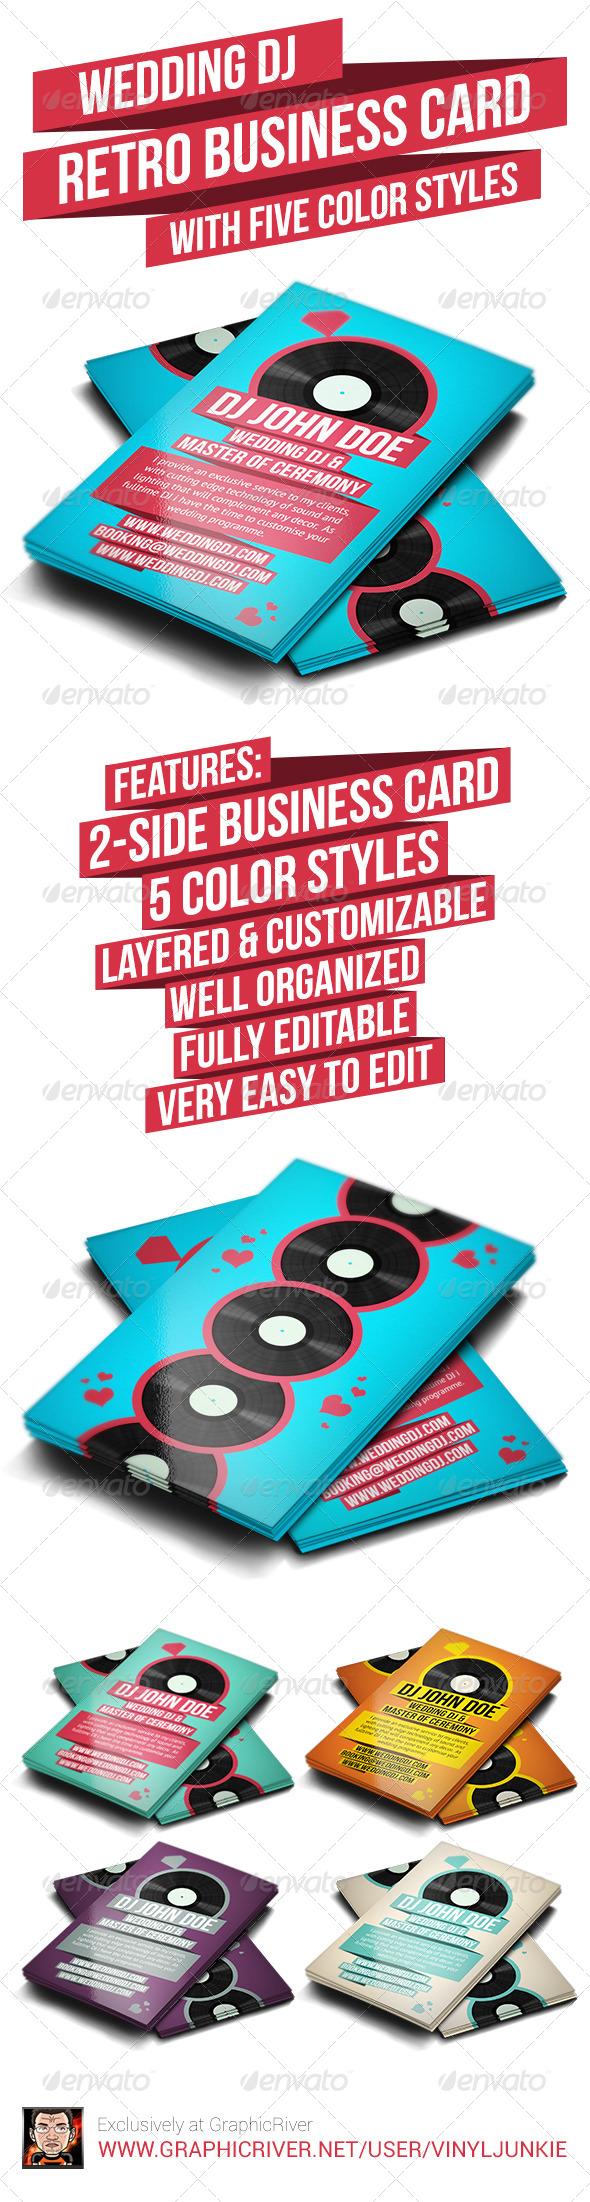 GraphicRiver Wedding DJ Retro Business Card 6307805